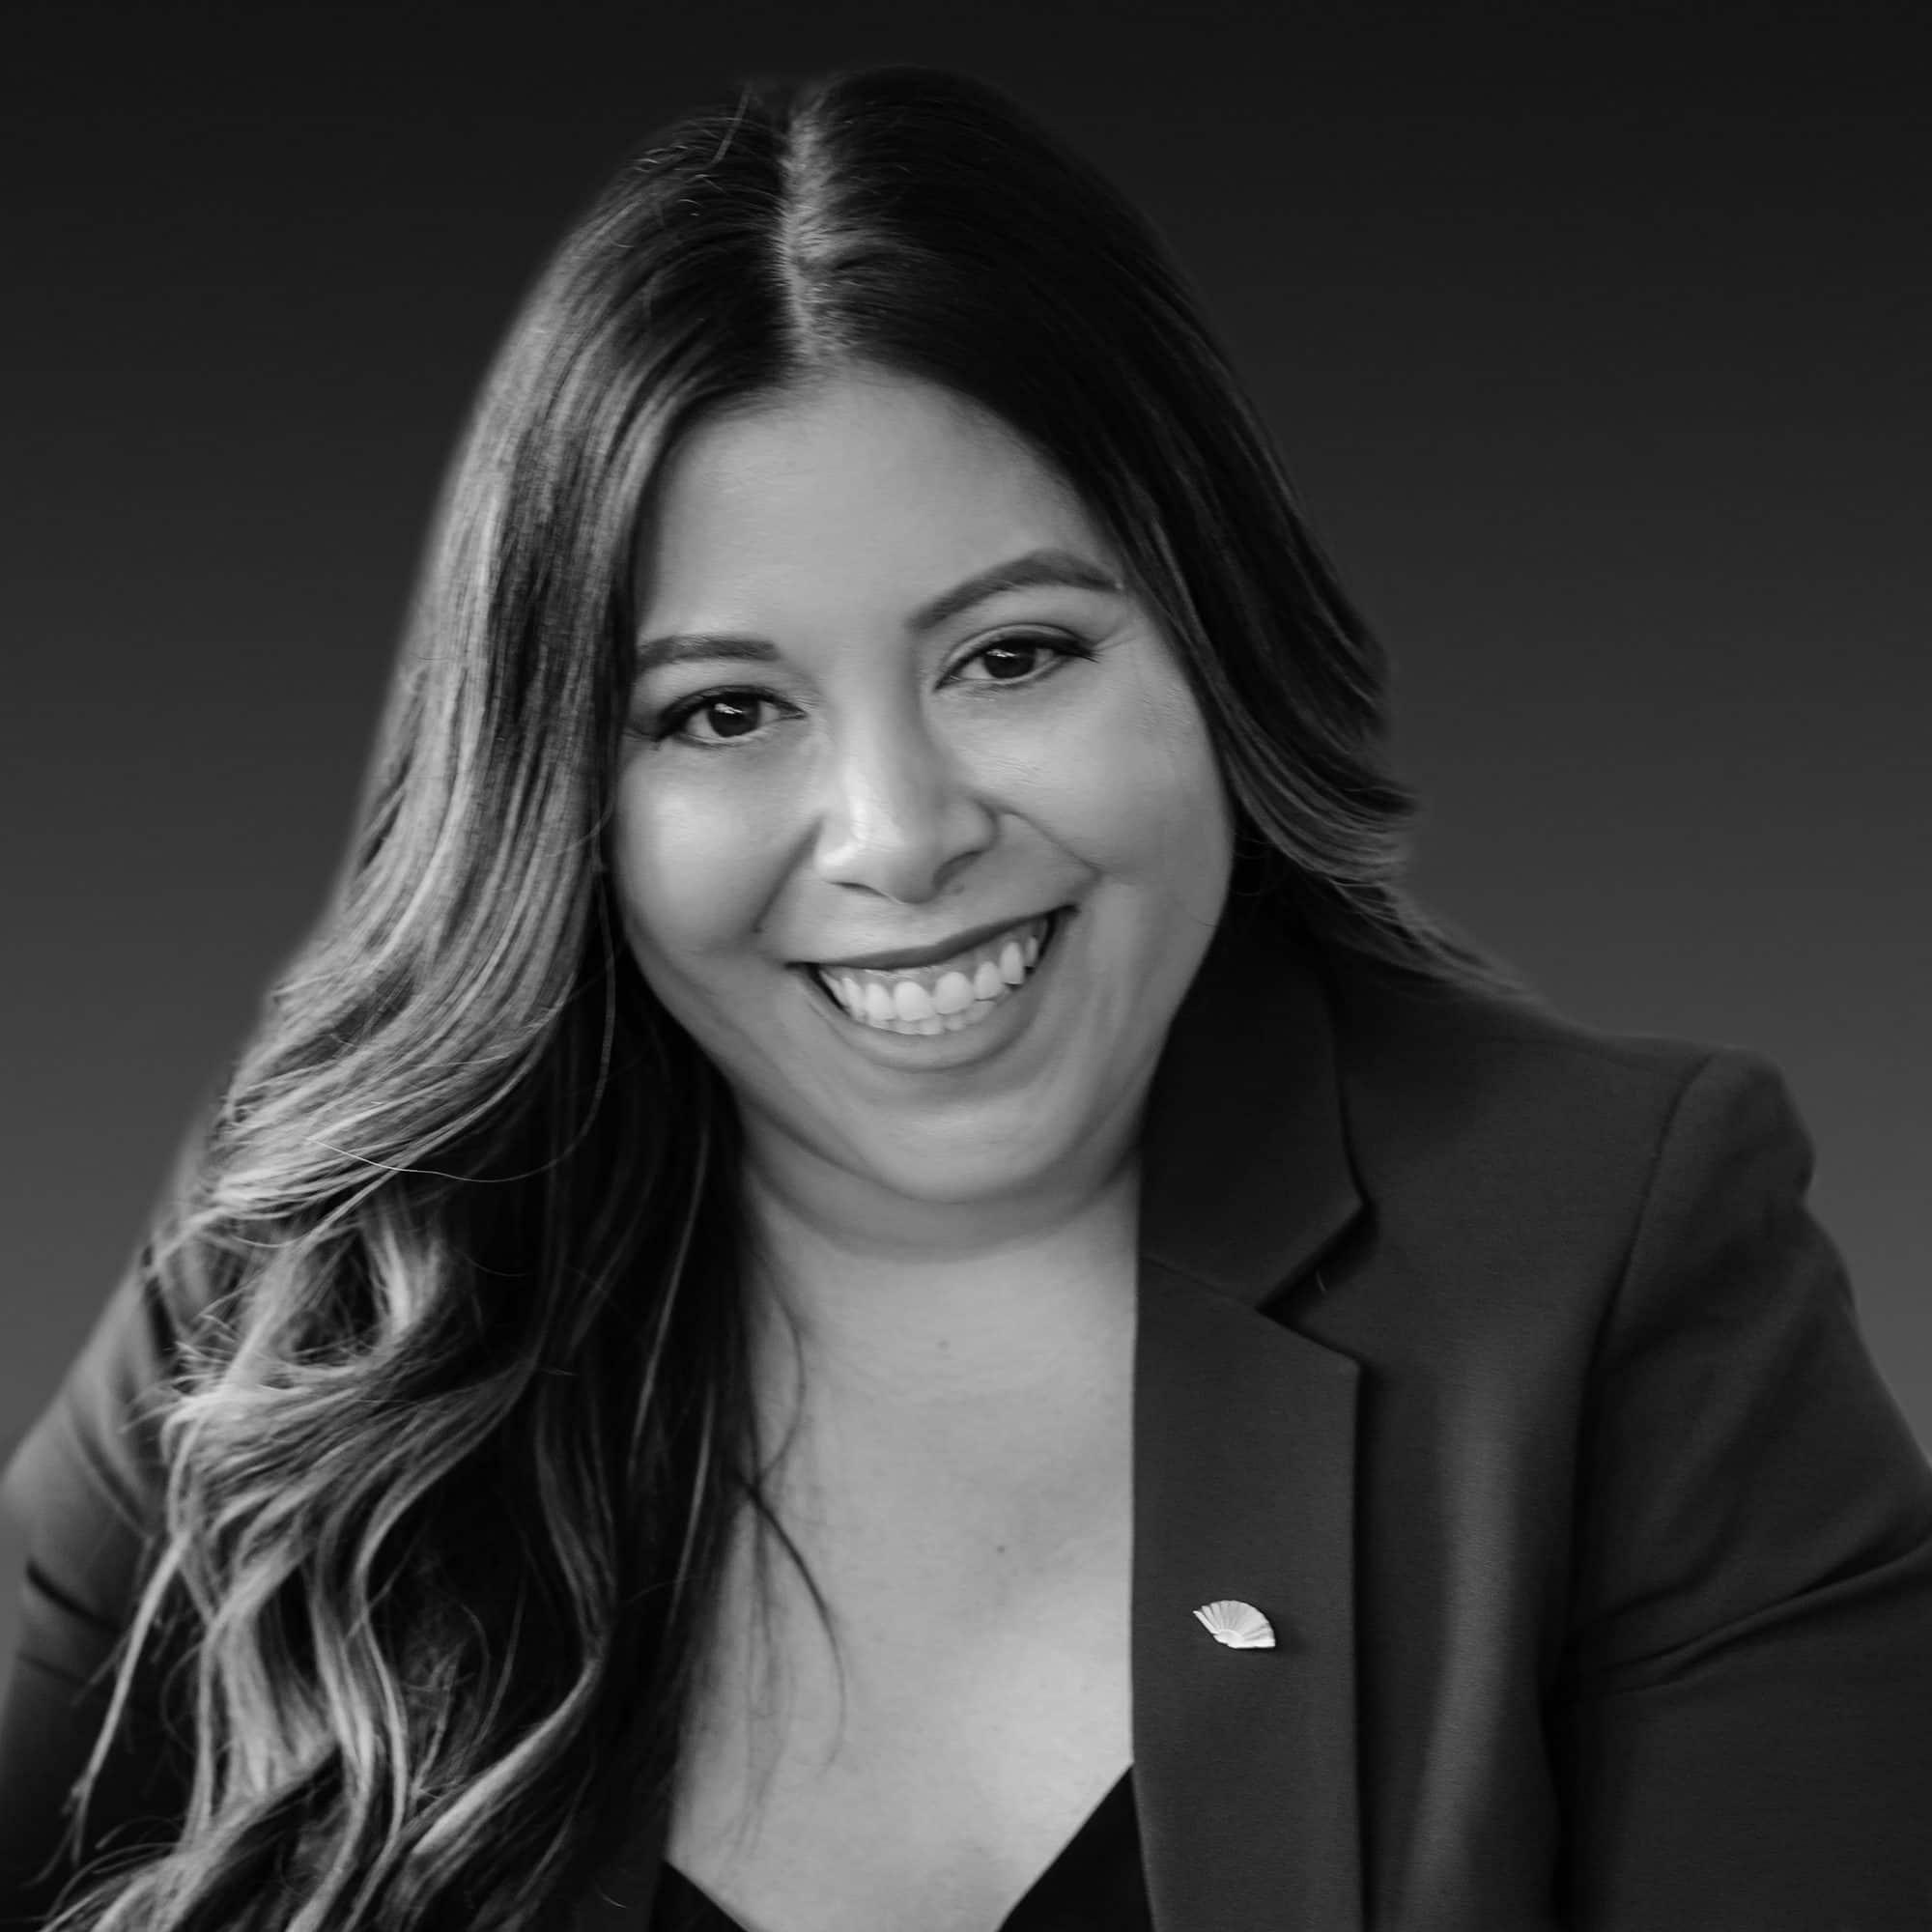 Andrea Alava, Public Relations Manager